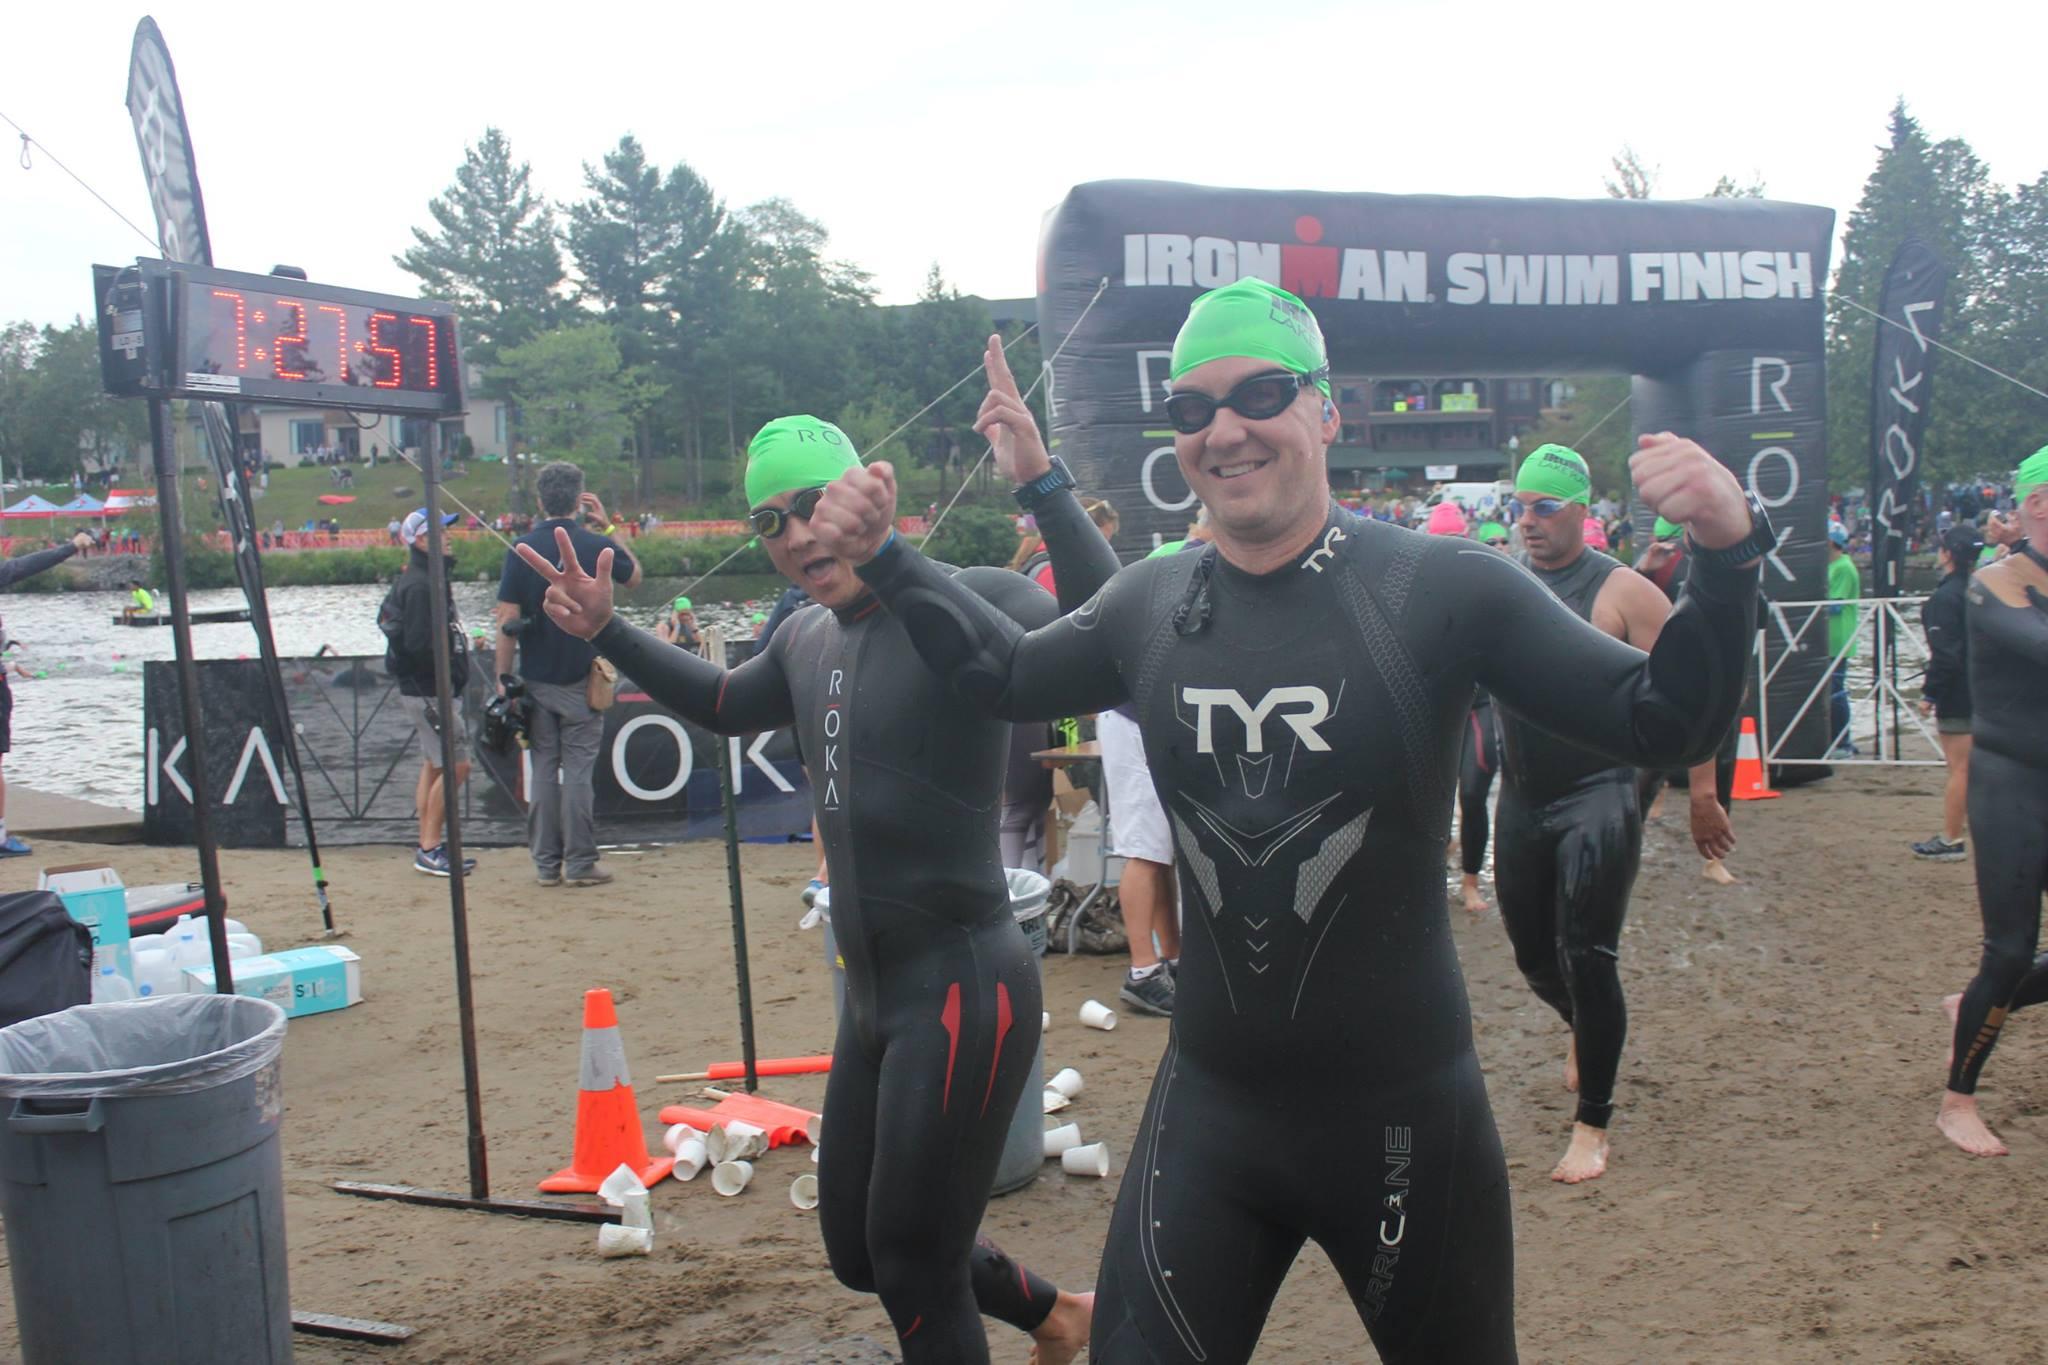 Tim at Ironman Swim